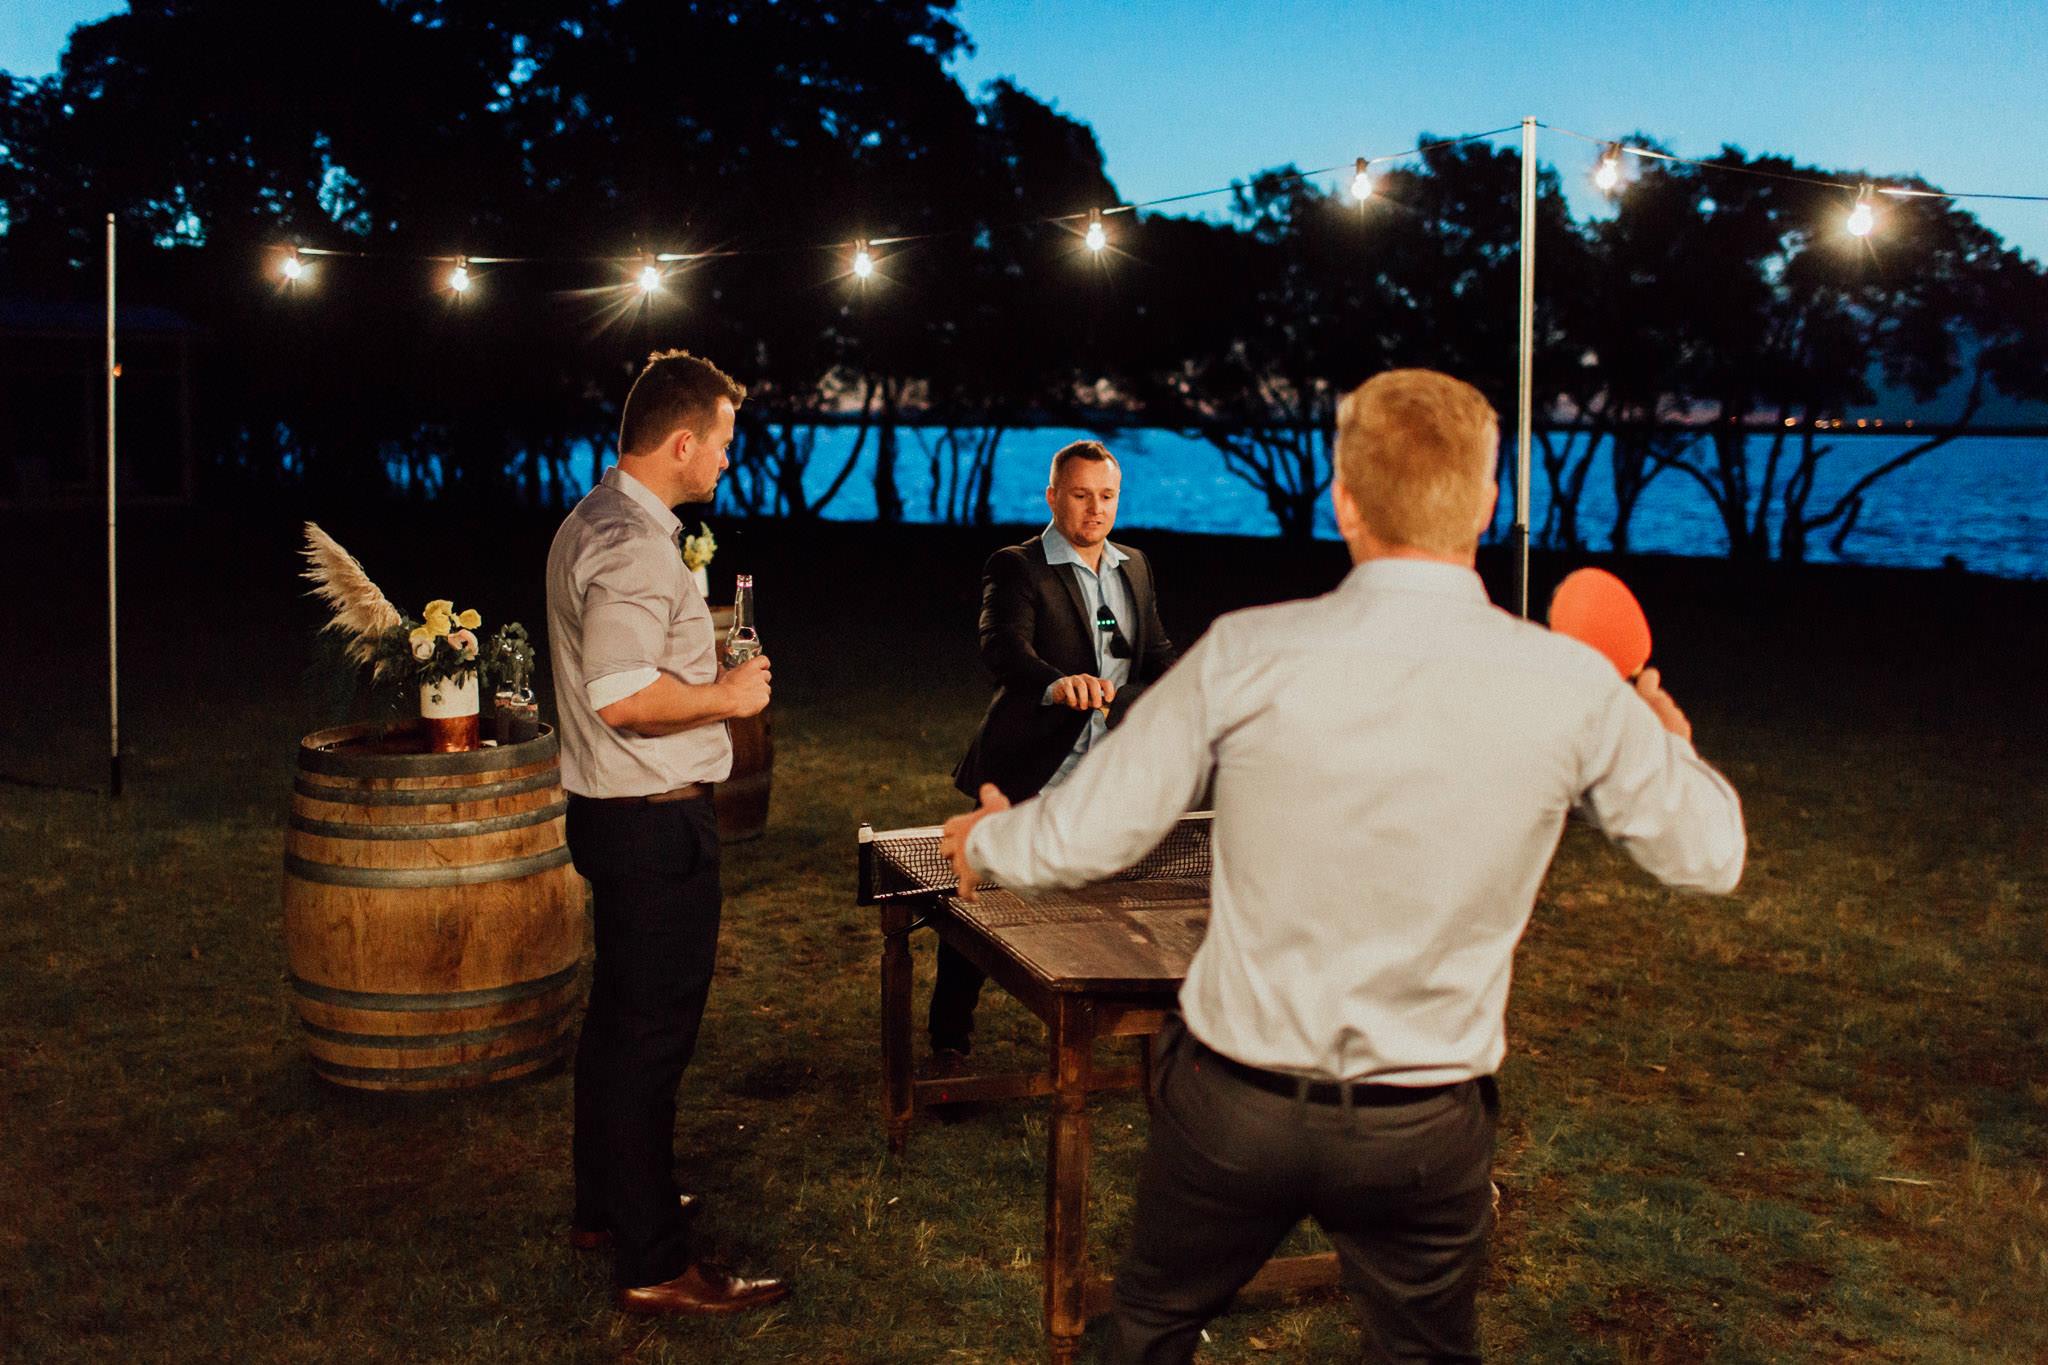 WeddingPhotos_Facebook_2048pixels-1788.jpg